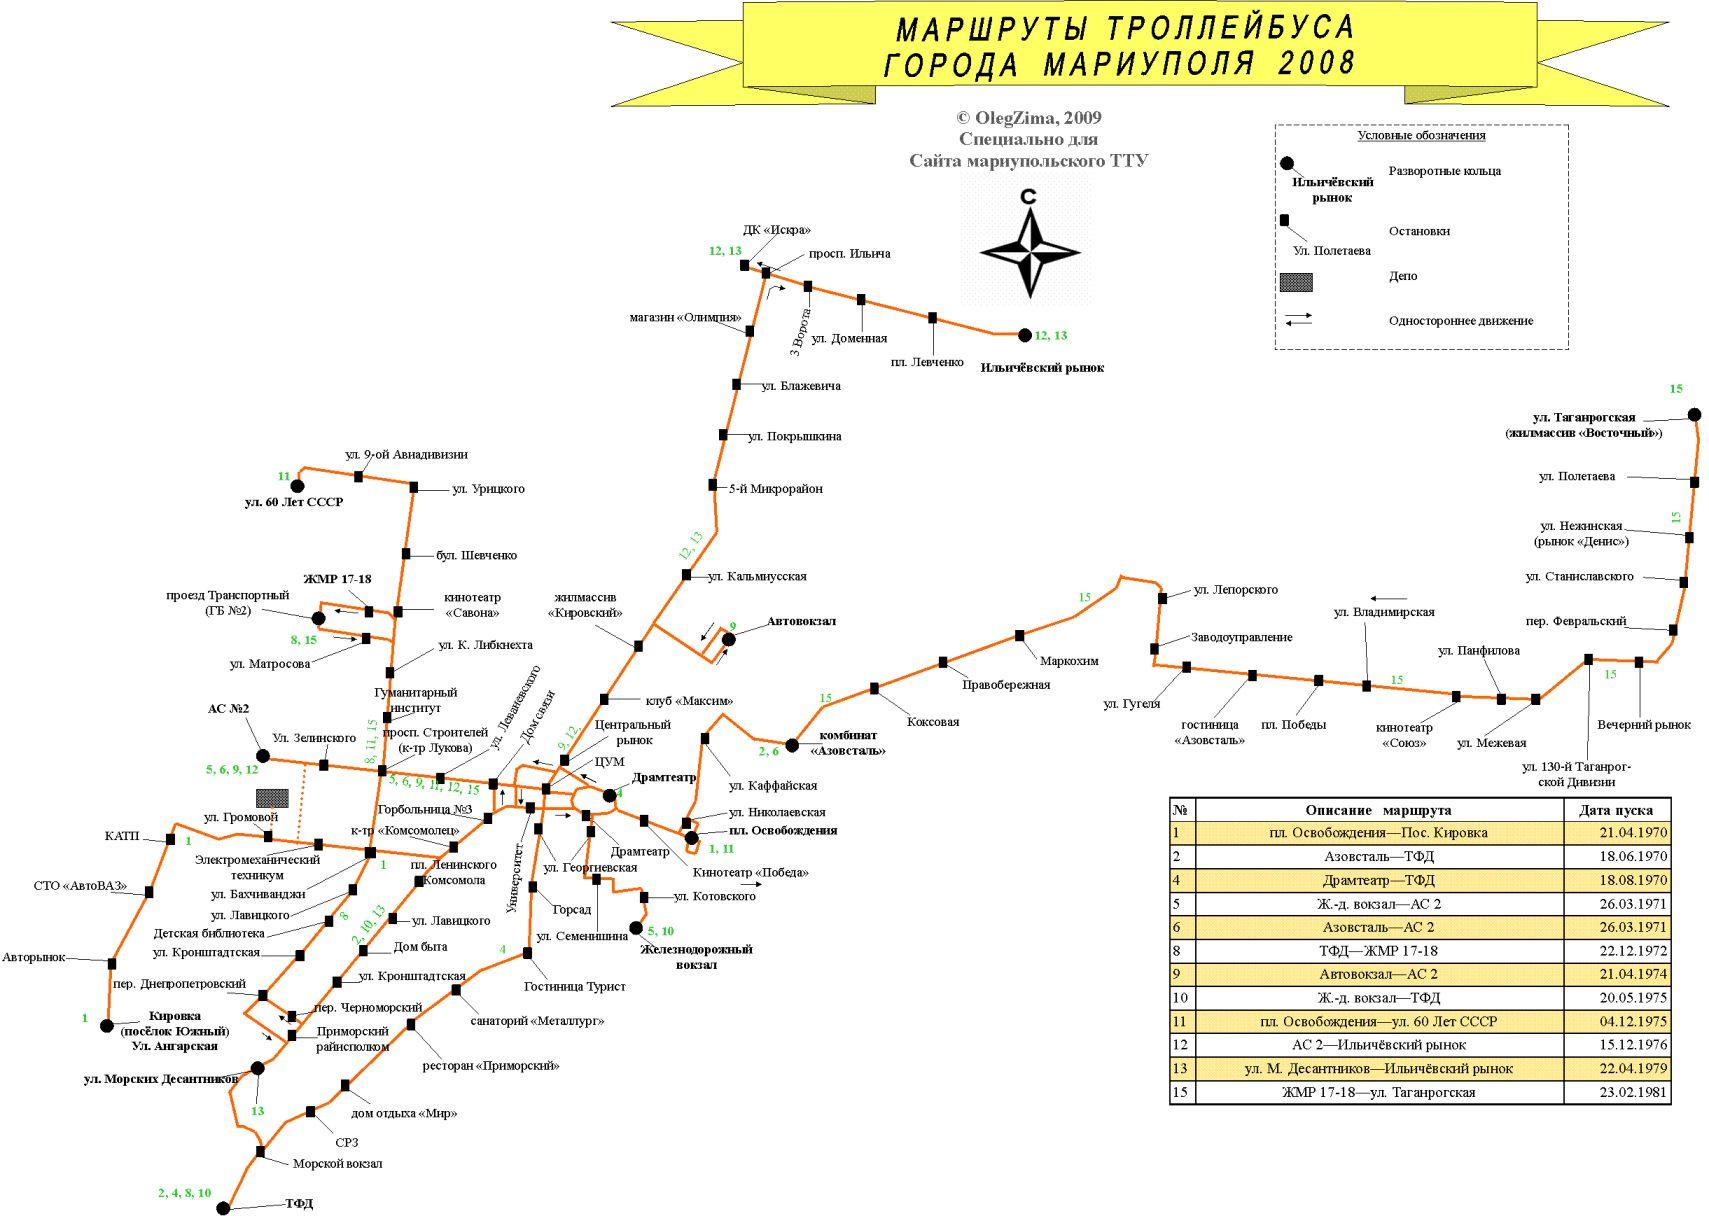 Карта современной троллейбусной сети города (2008)